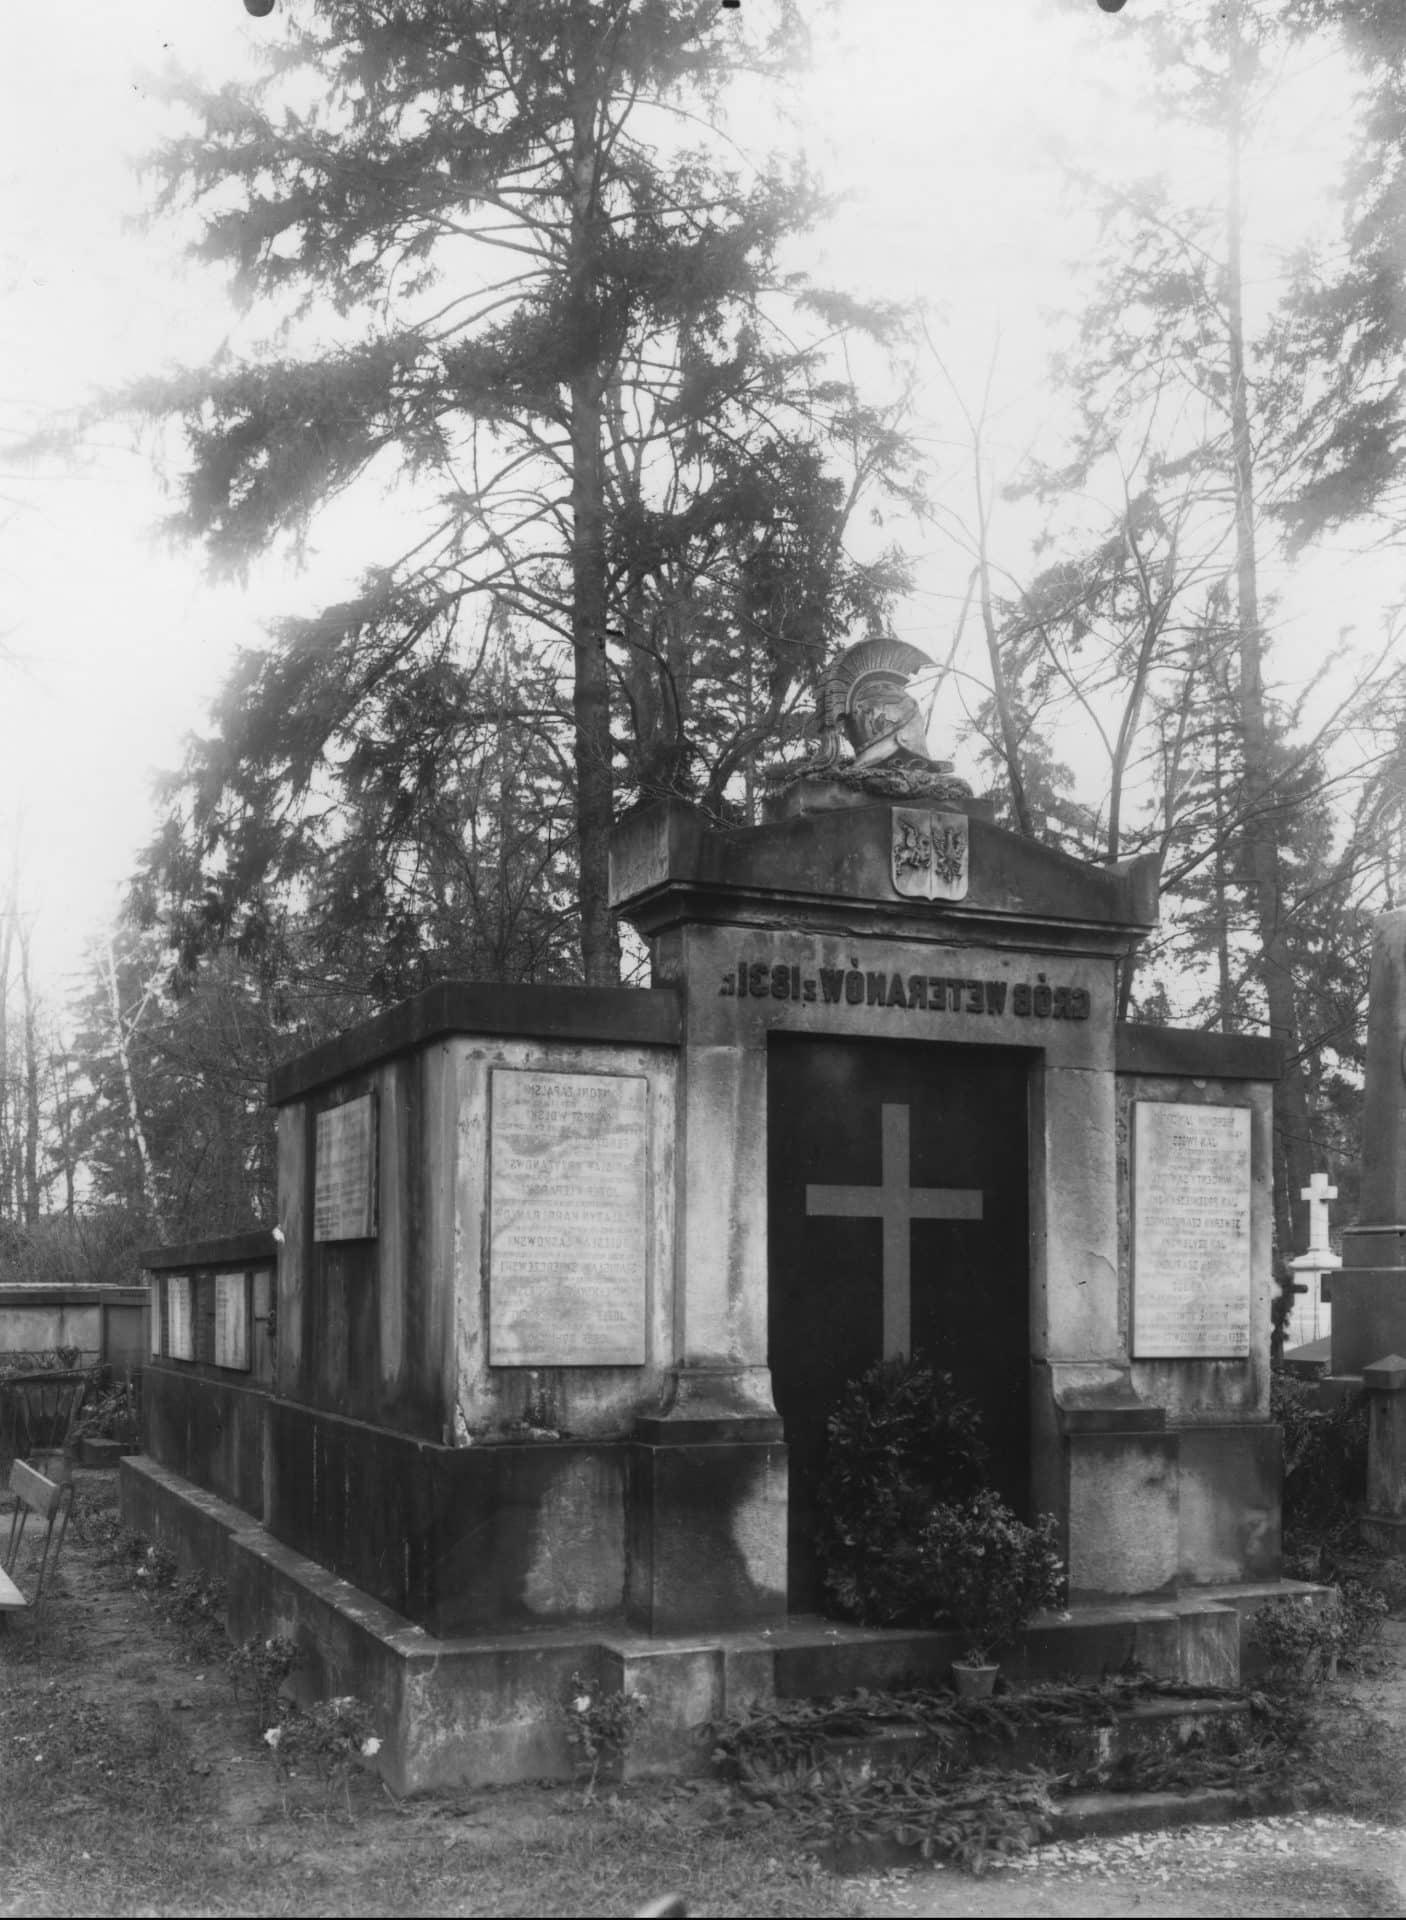 Grób weteranów 1831 r. Cmentarz Rakowicki w Krakowie. 1928 r. Źródło: NAC.